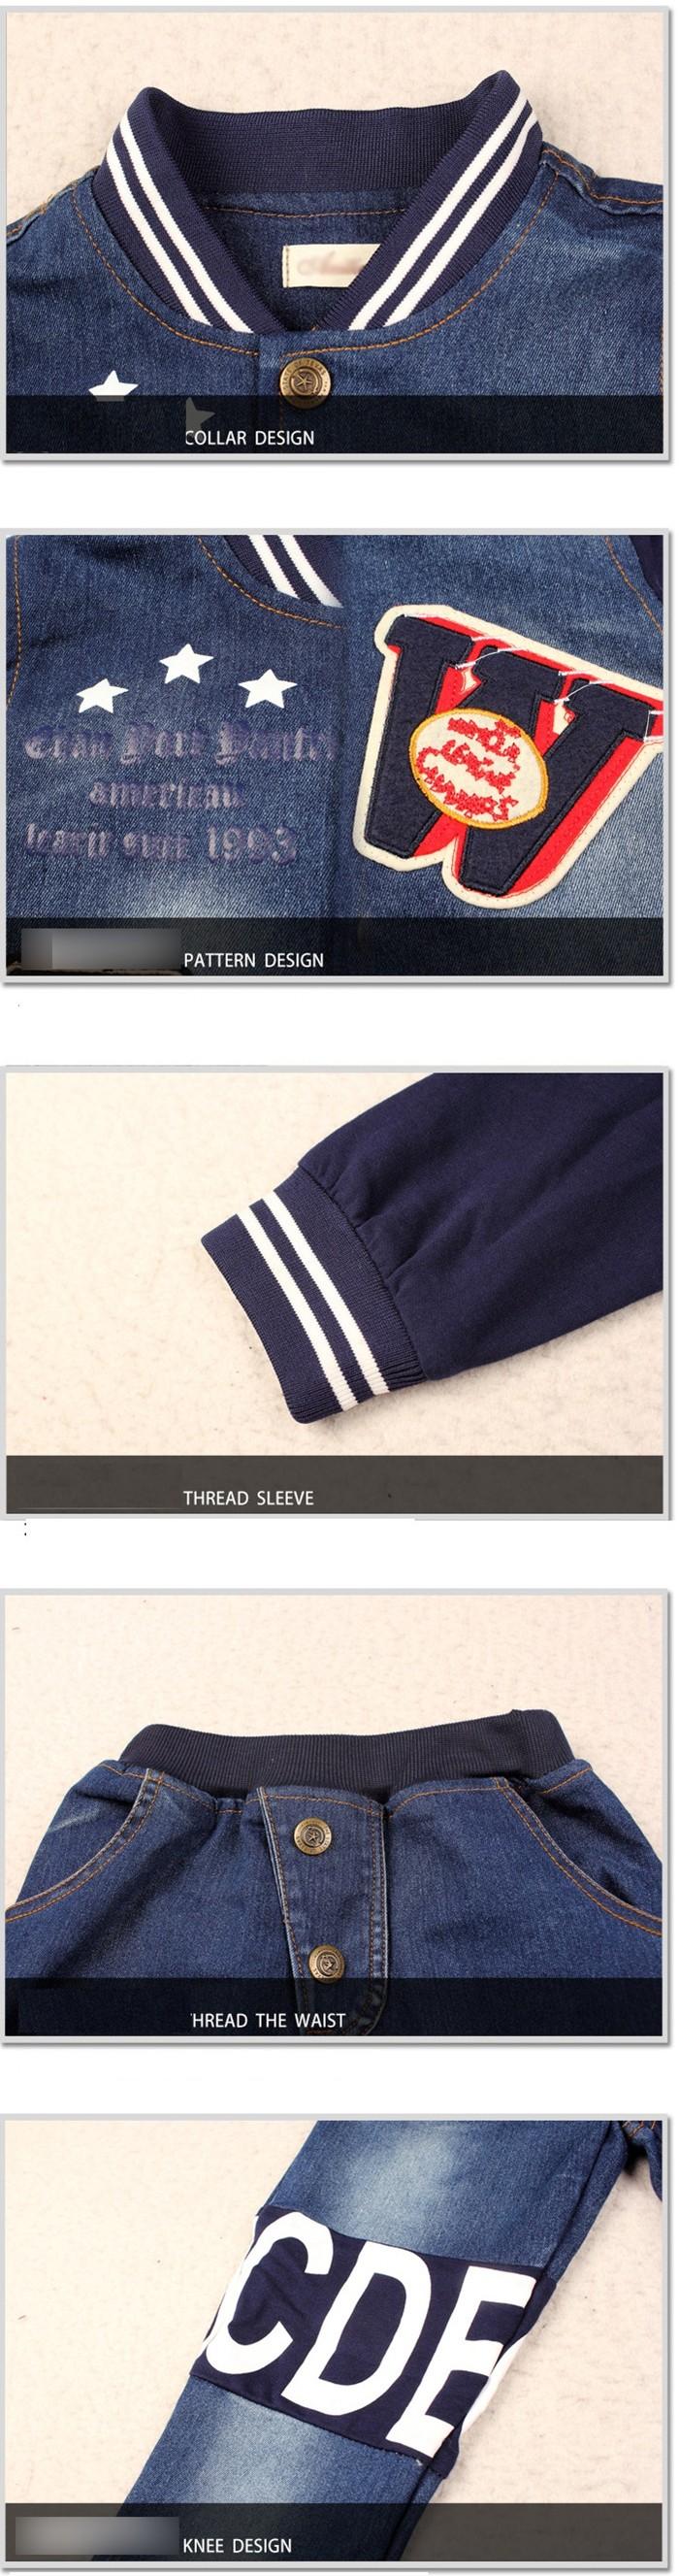 Spring Autumn Outwear Children Letter Print 2 Pcs Suit Boys Clothing Set Denim Coat and Pant Suit Kids Sport Suit for 5-13 Years